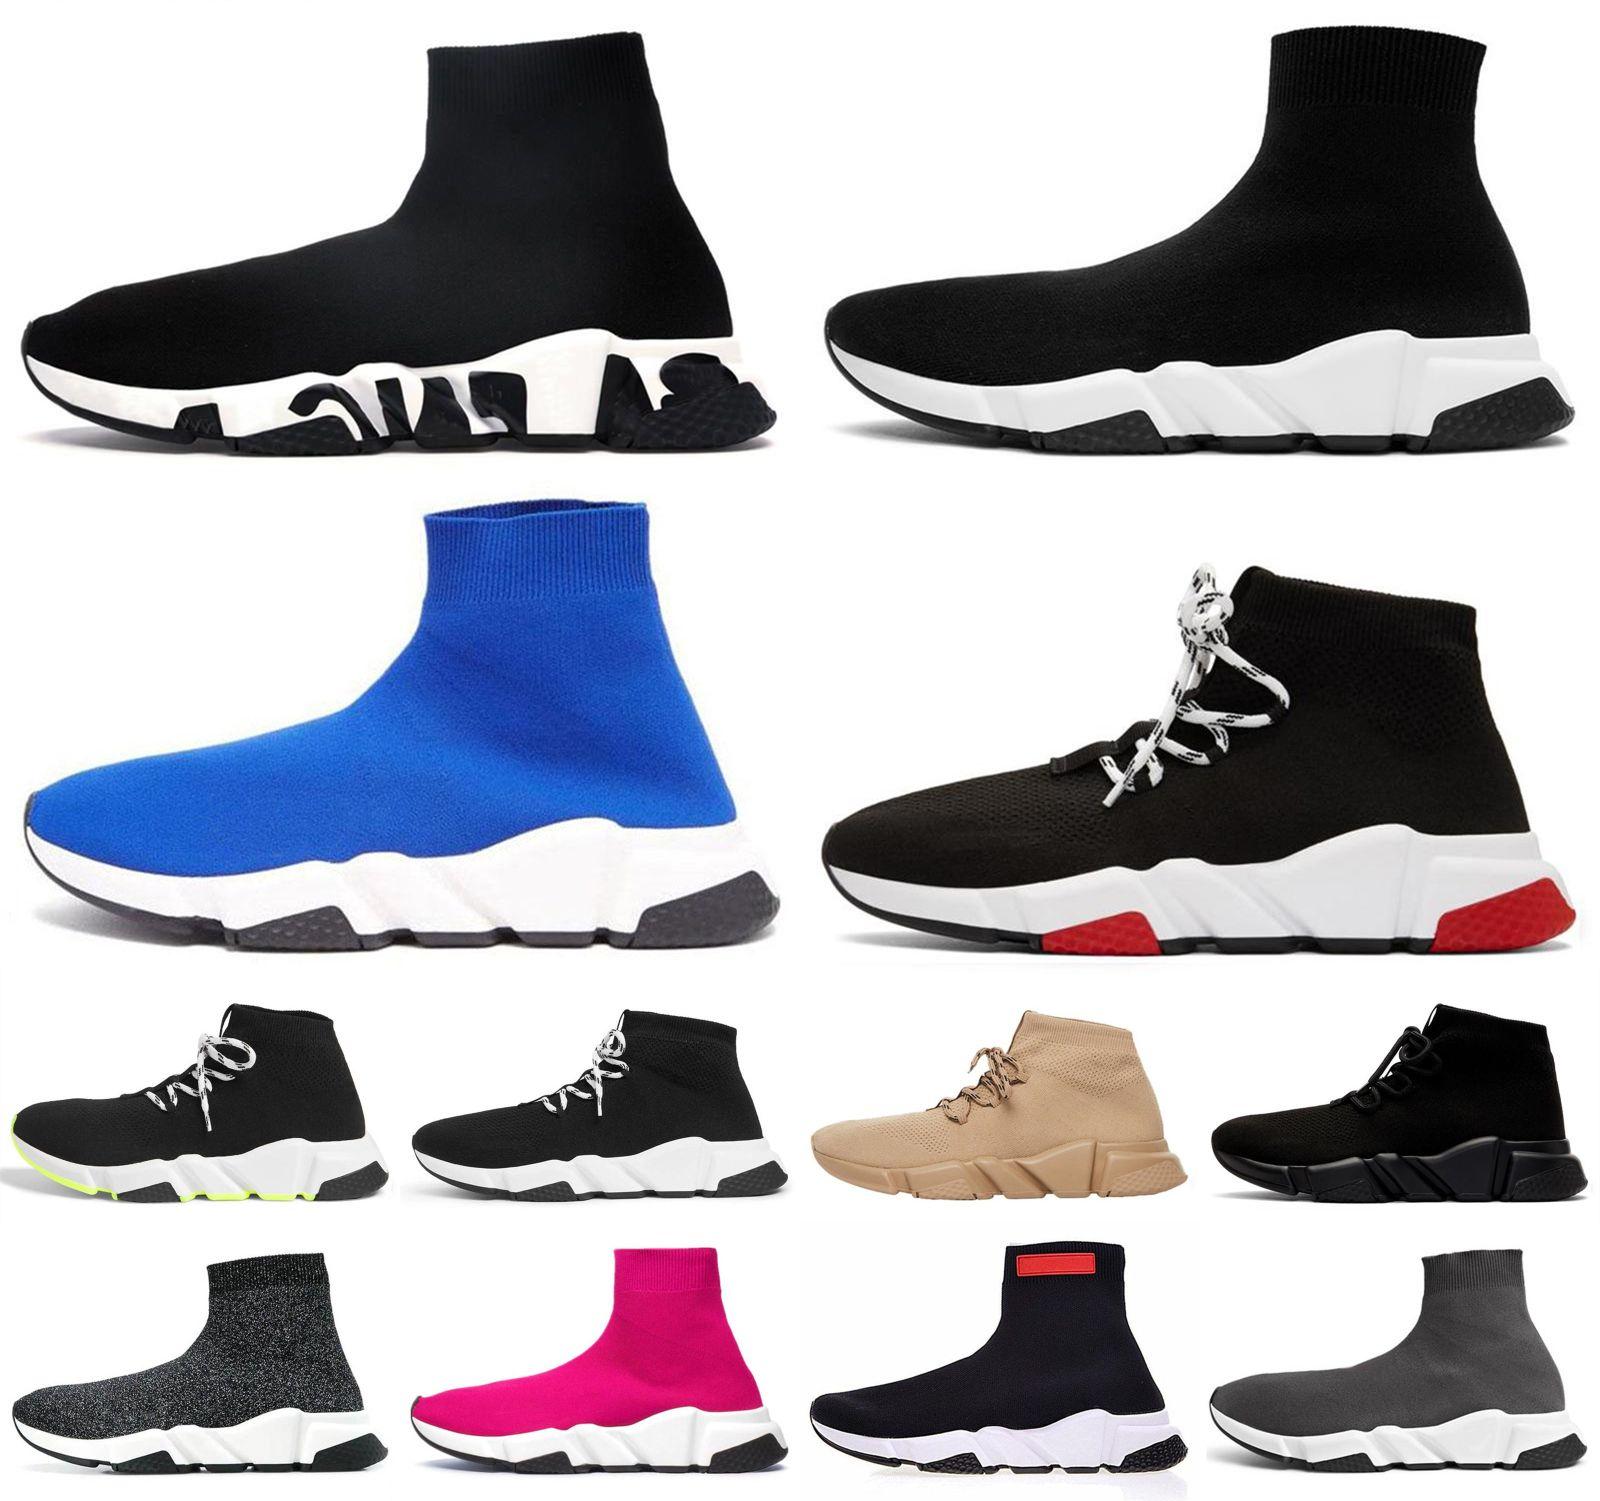 Balenciaga shoes الموضة المدربين منصة سرعة Toile أحذية رياضية Traniner الفاخرة النسائية الجوارب البيضاء عارضة الرياضة الأحمر موجة تمتد الانزلاق